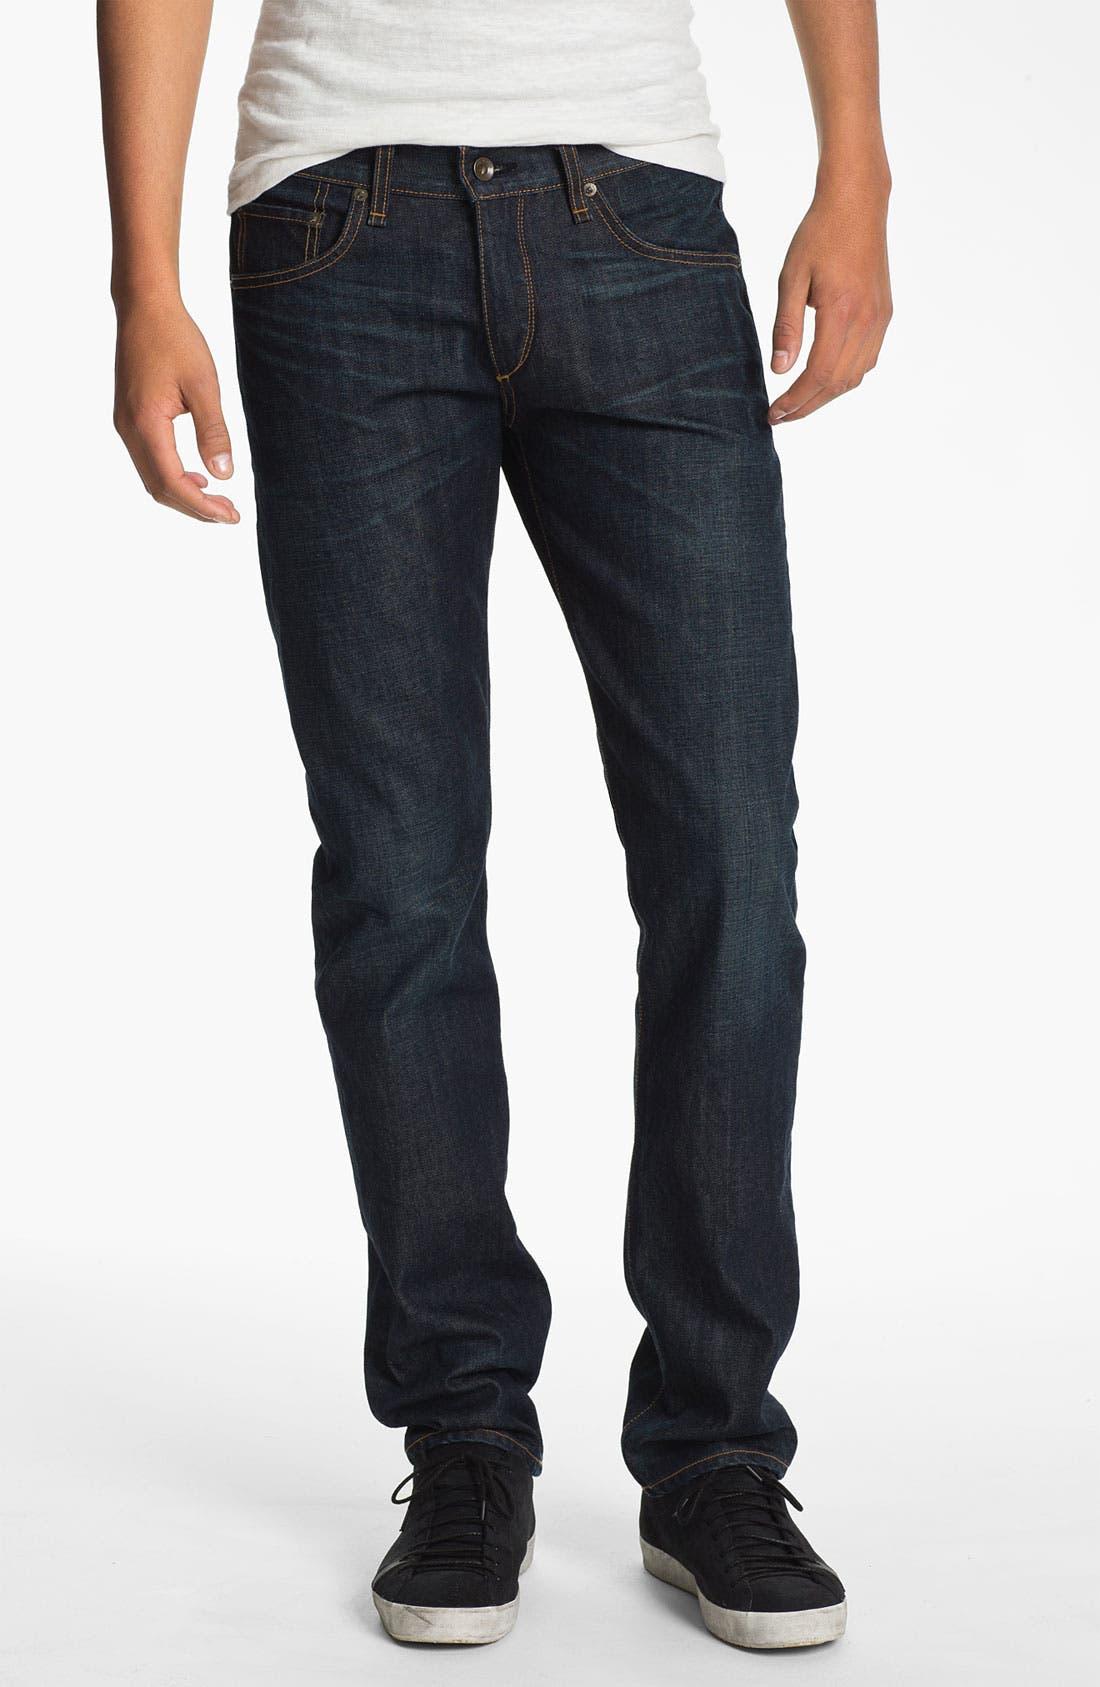 Alternate Image 1 Selected - rag & bone 'RB19X' Slim Straight Leg Jeans (Dover Blue)